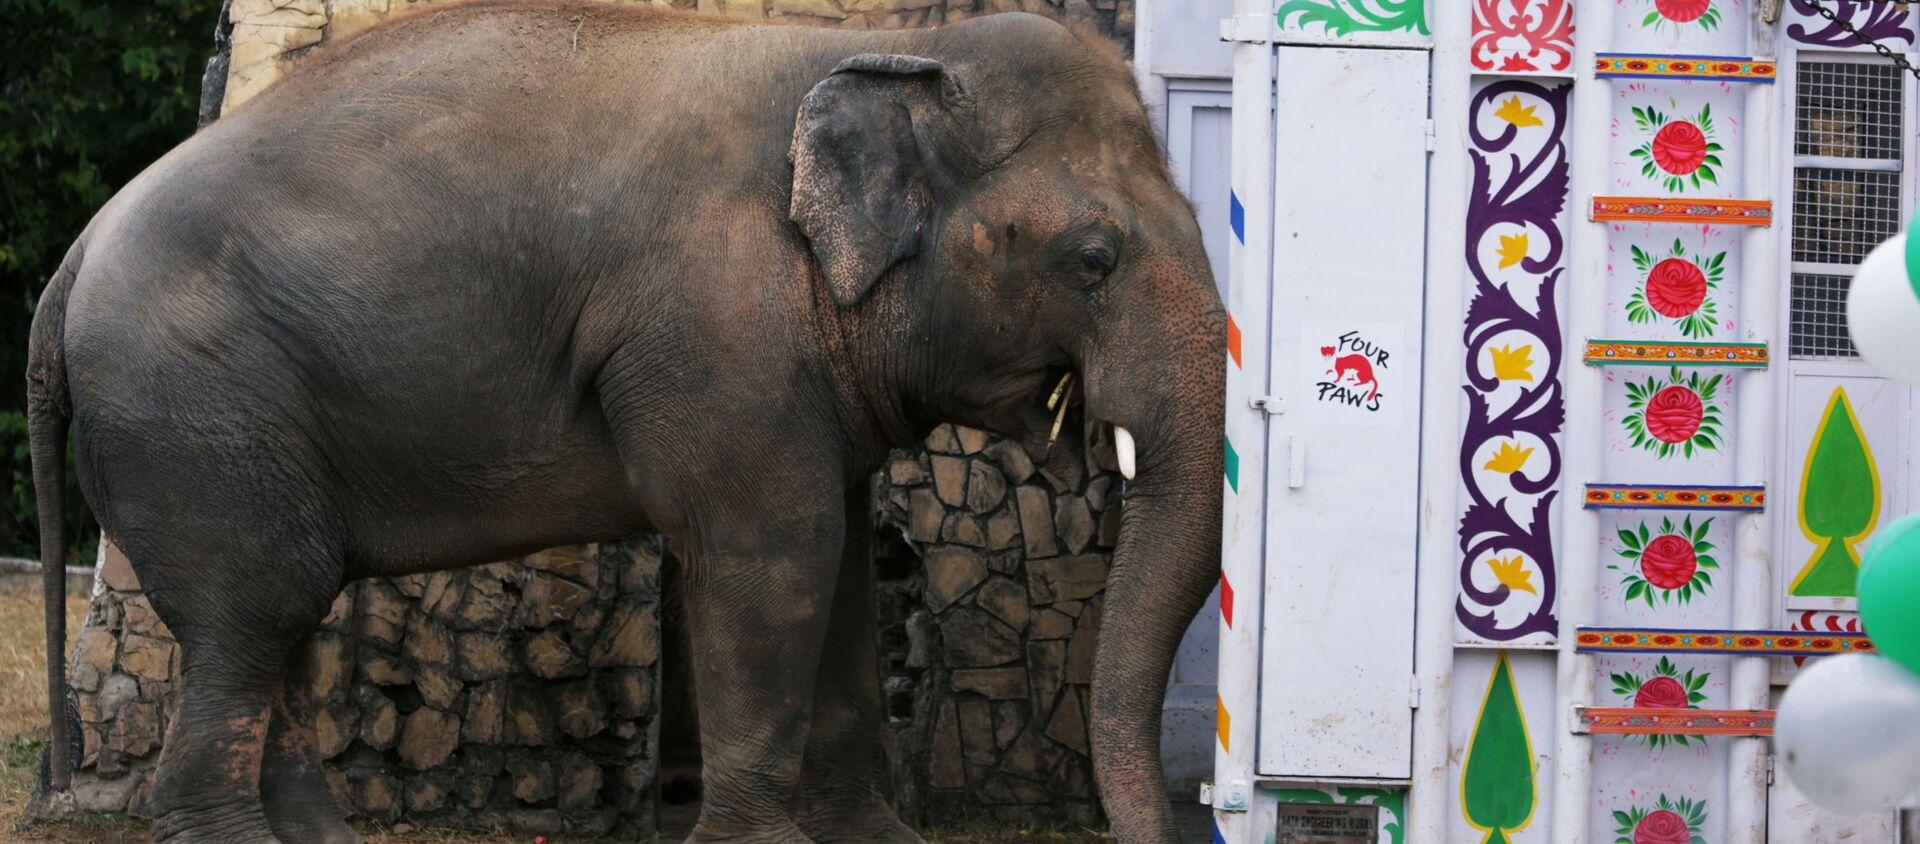 El elefante Kaavan espera ser transportado a un santuario en Camboya - Sputnik Mundo, 1920, 30.11.2020